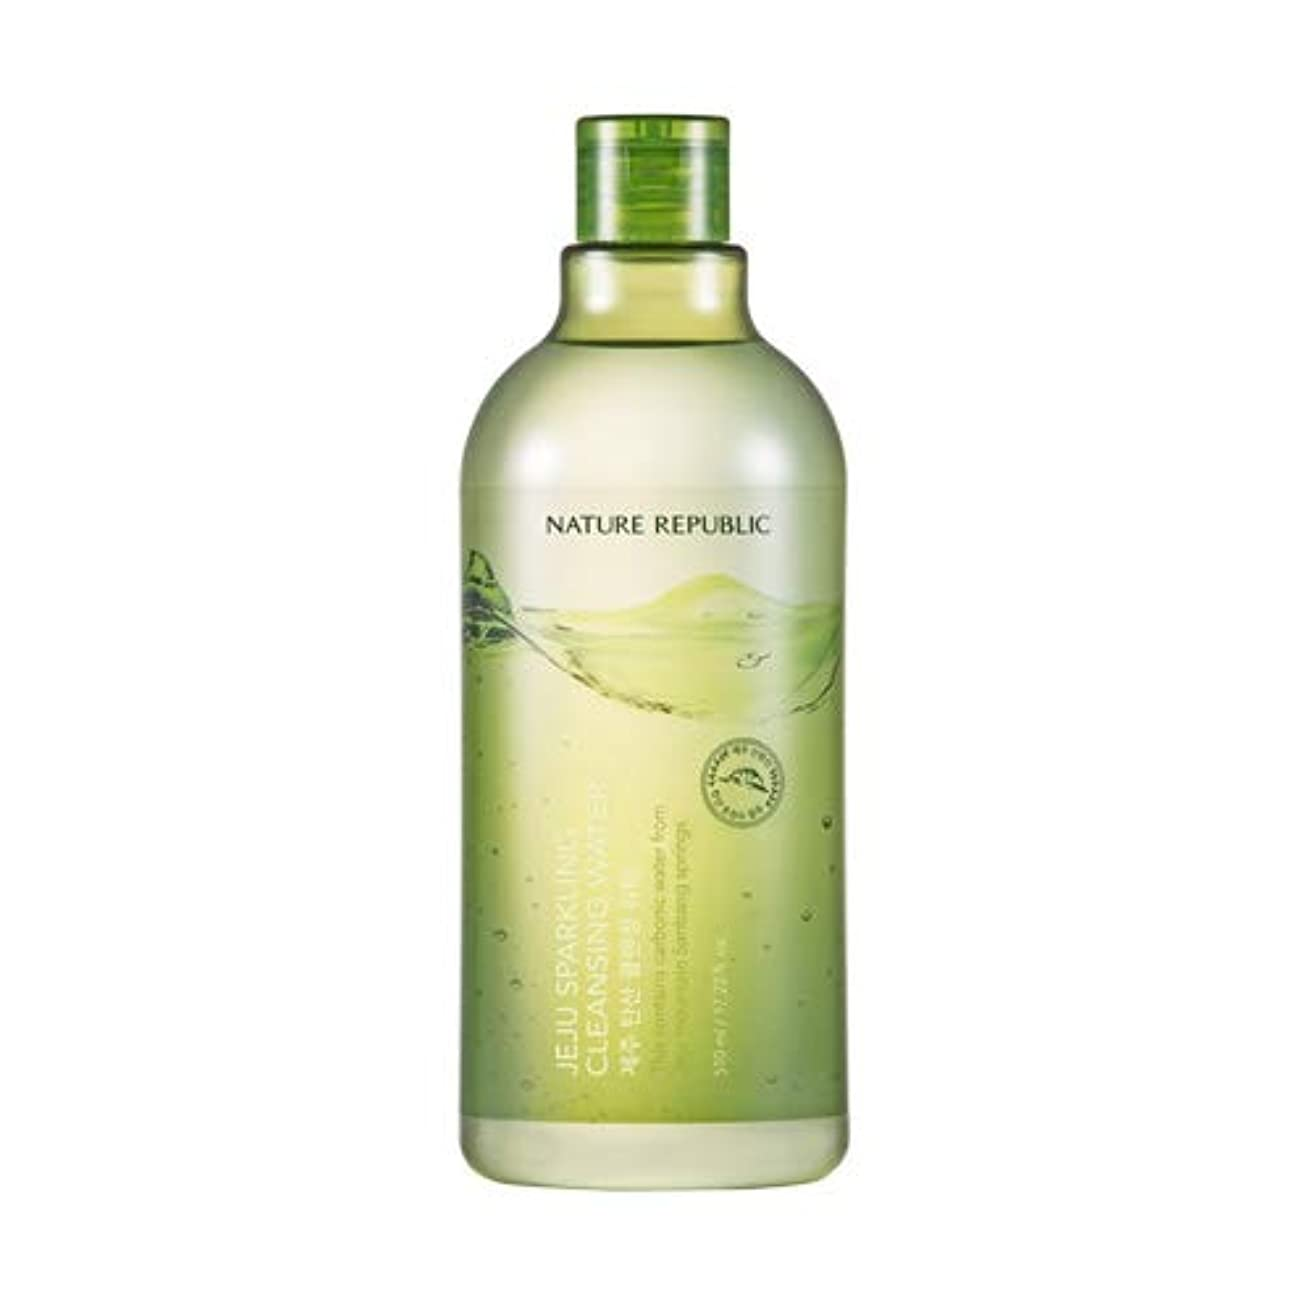 トランジスタソーシャル同種のNature republic Jeju Sparkling(Carbonic) Cleansing Water ネイチャーリパブリック済州炭酸クレンジングウォーター 510ml [並行輸入品]